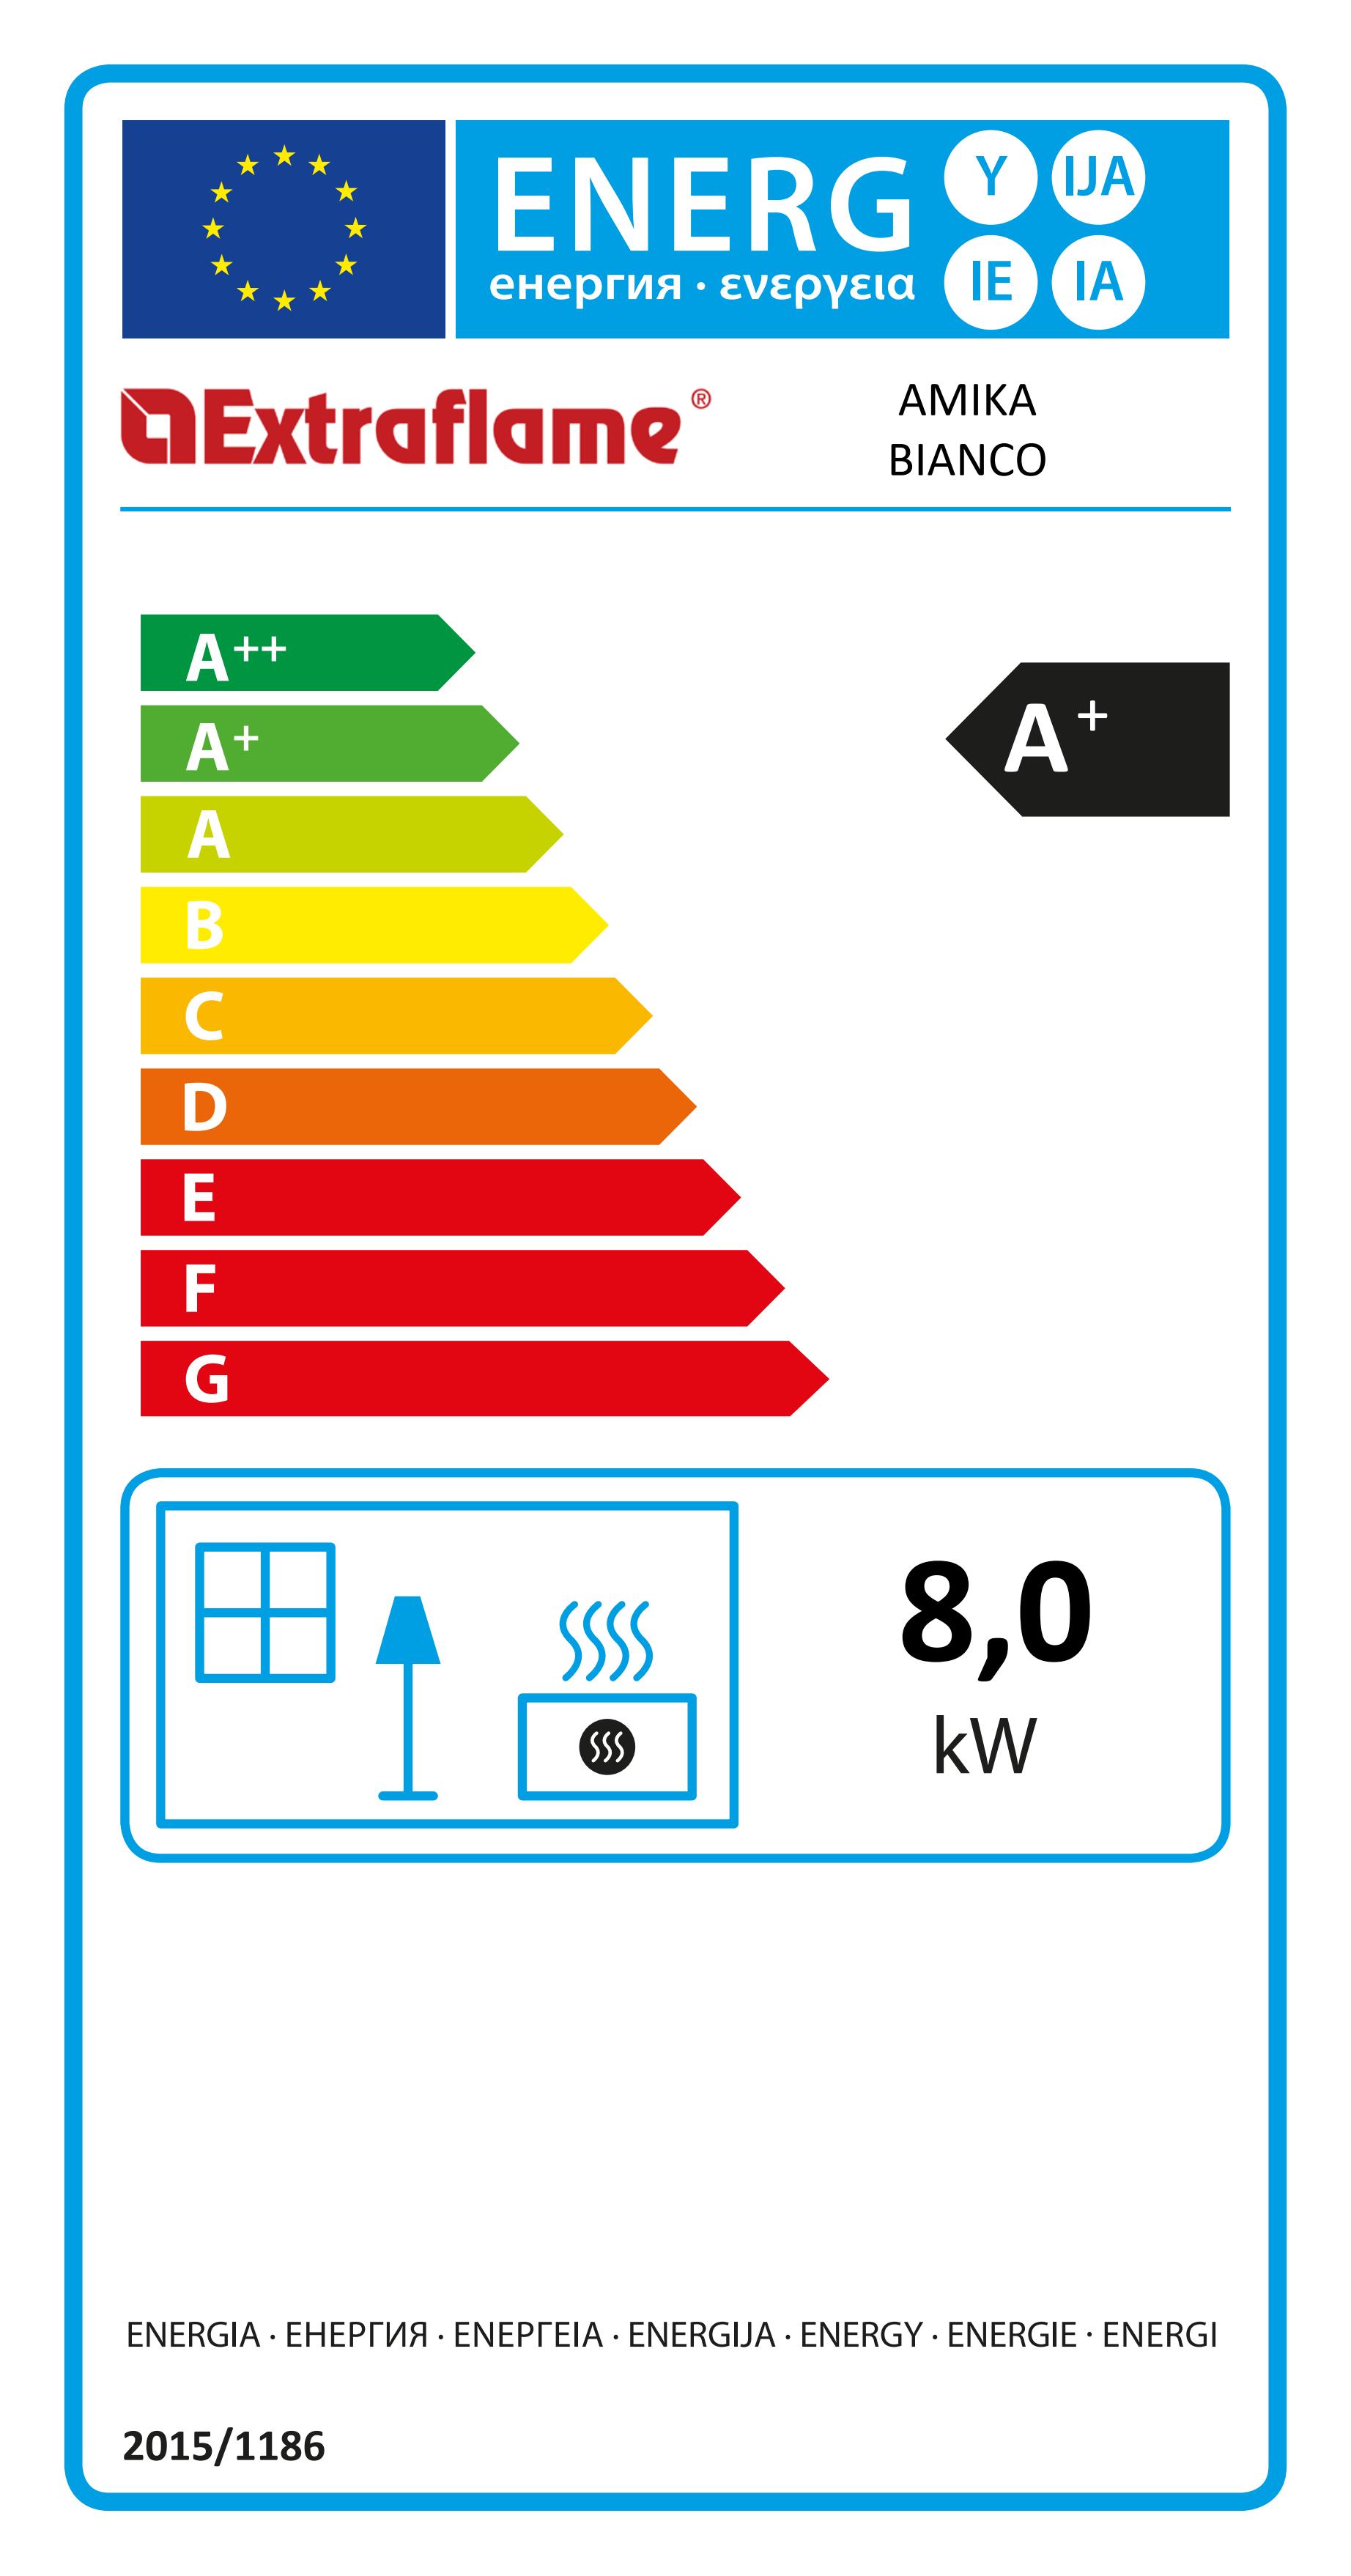 Poêle à pellets Amika Energy label blanc